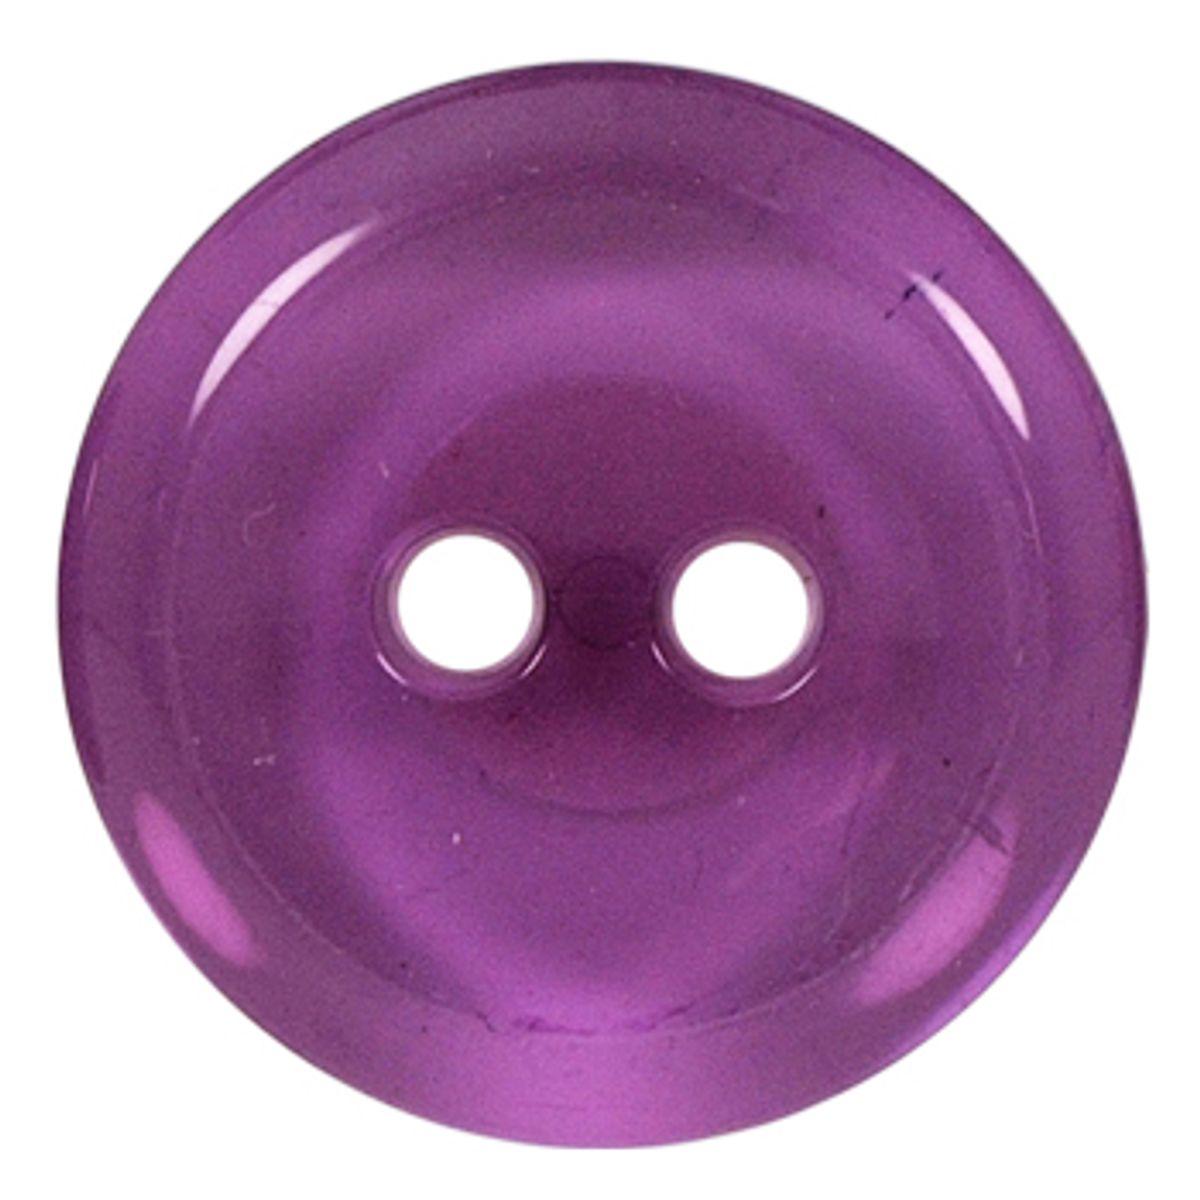 Tube de 3 boutons 2 trous - 27 mm